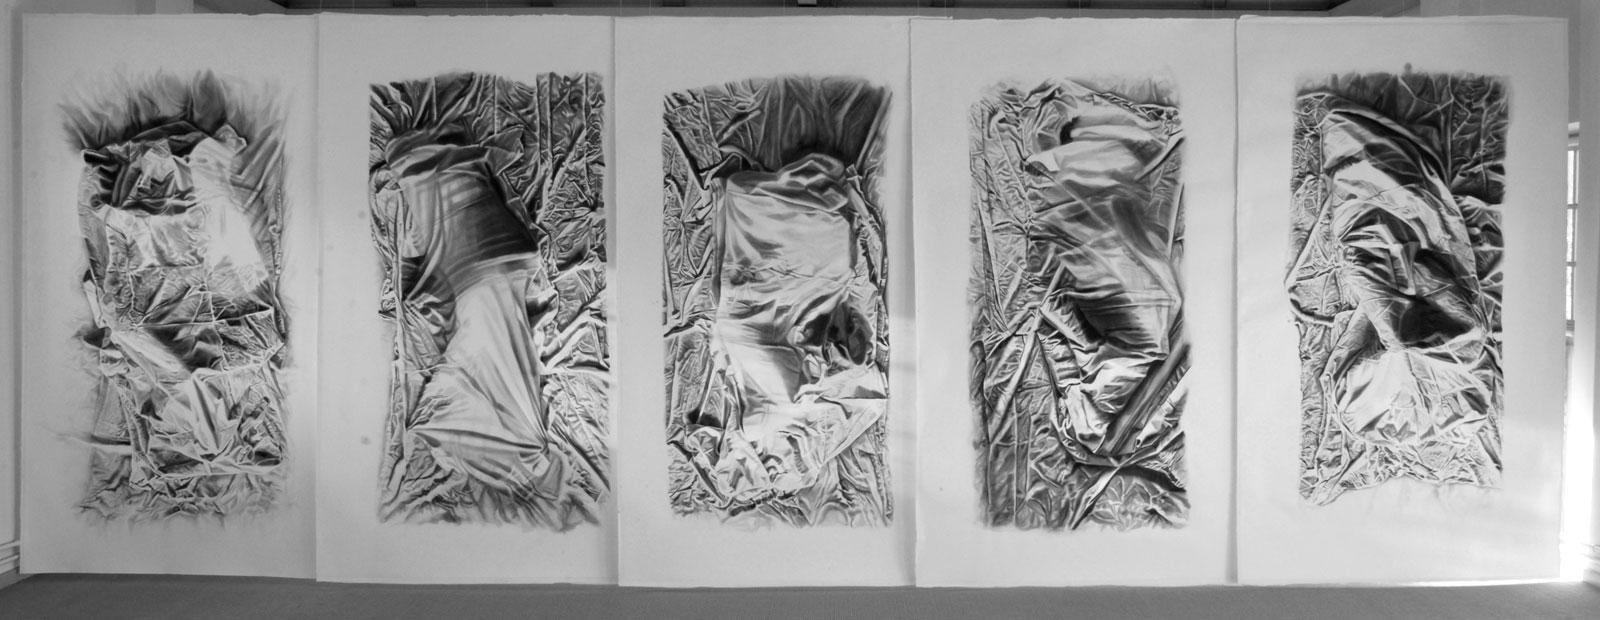 """Kristina Bength, """"Att dölja för att låta det dolda synas"""", 2014, 250 x 148 cm"""